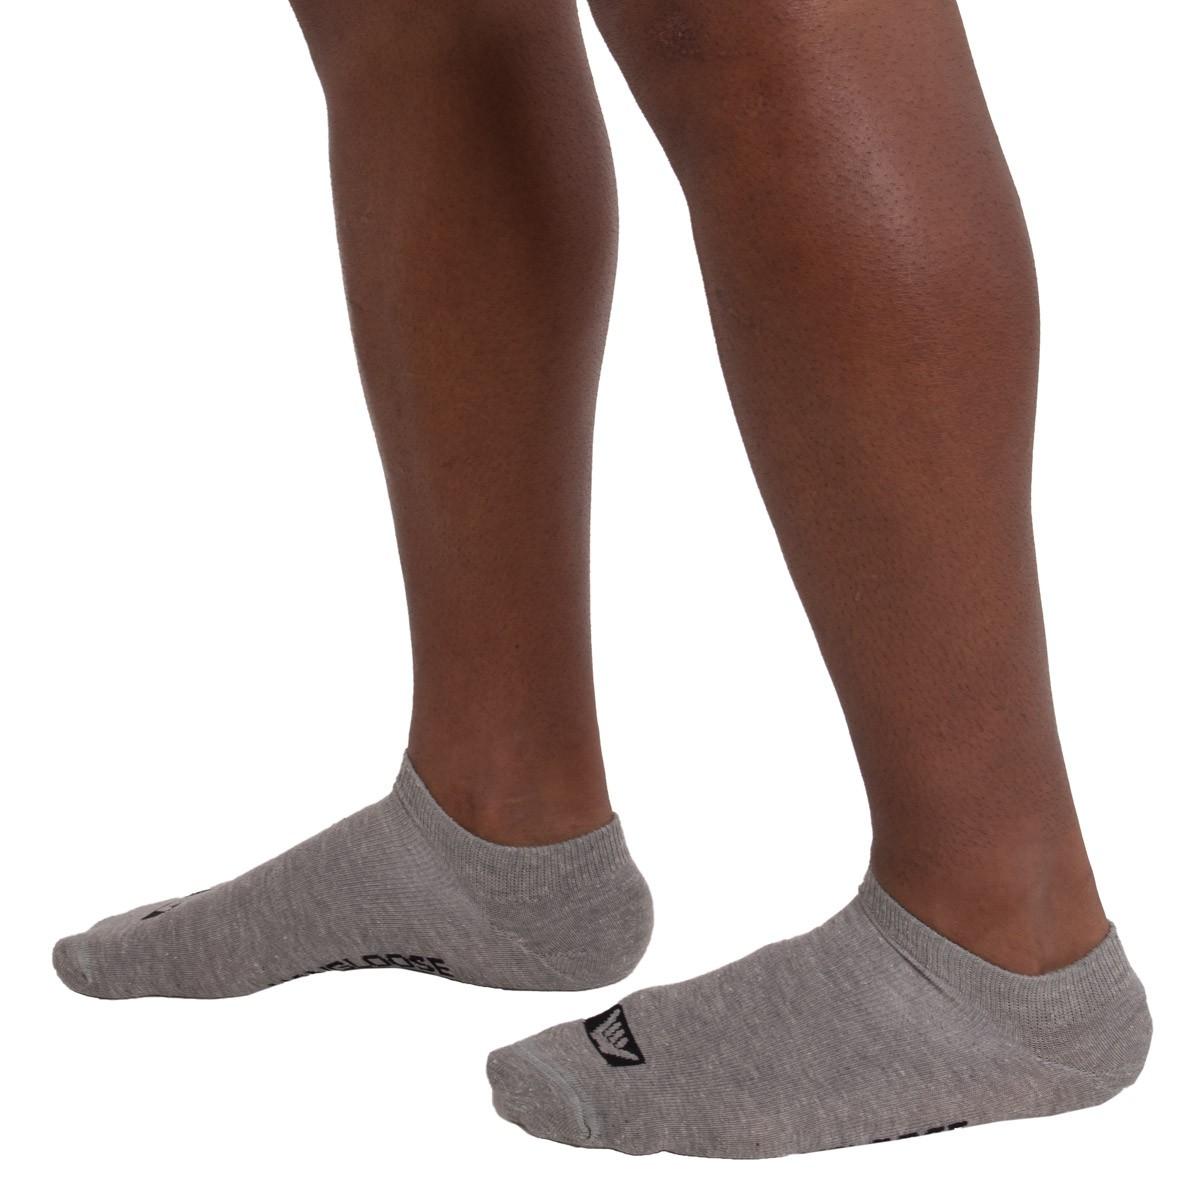 KIT com 3 Meias invisível em algodão Hang Loose